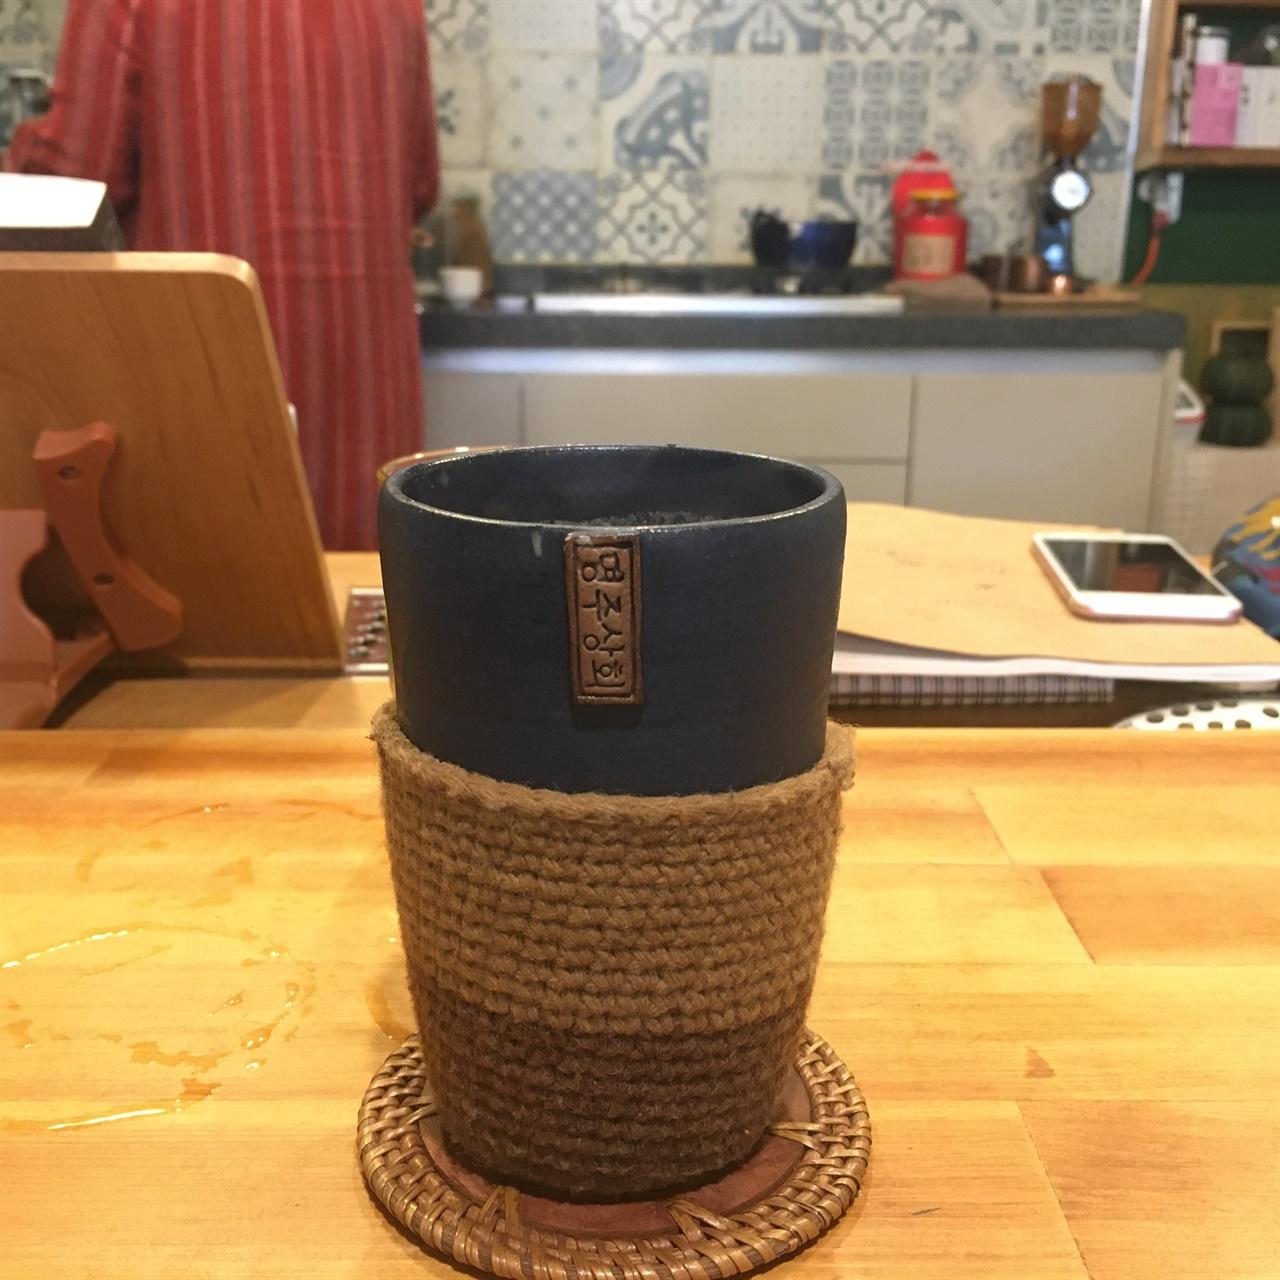 '마쌀라 짜이' 짜이는 '차(tea)'를, 마쌀라는 '향신료'를 의미한다.